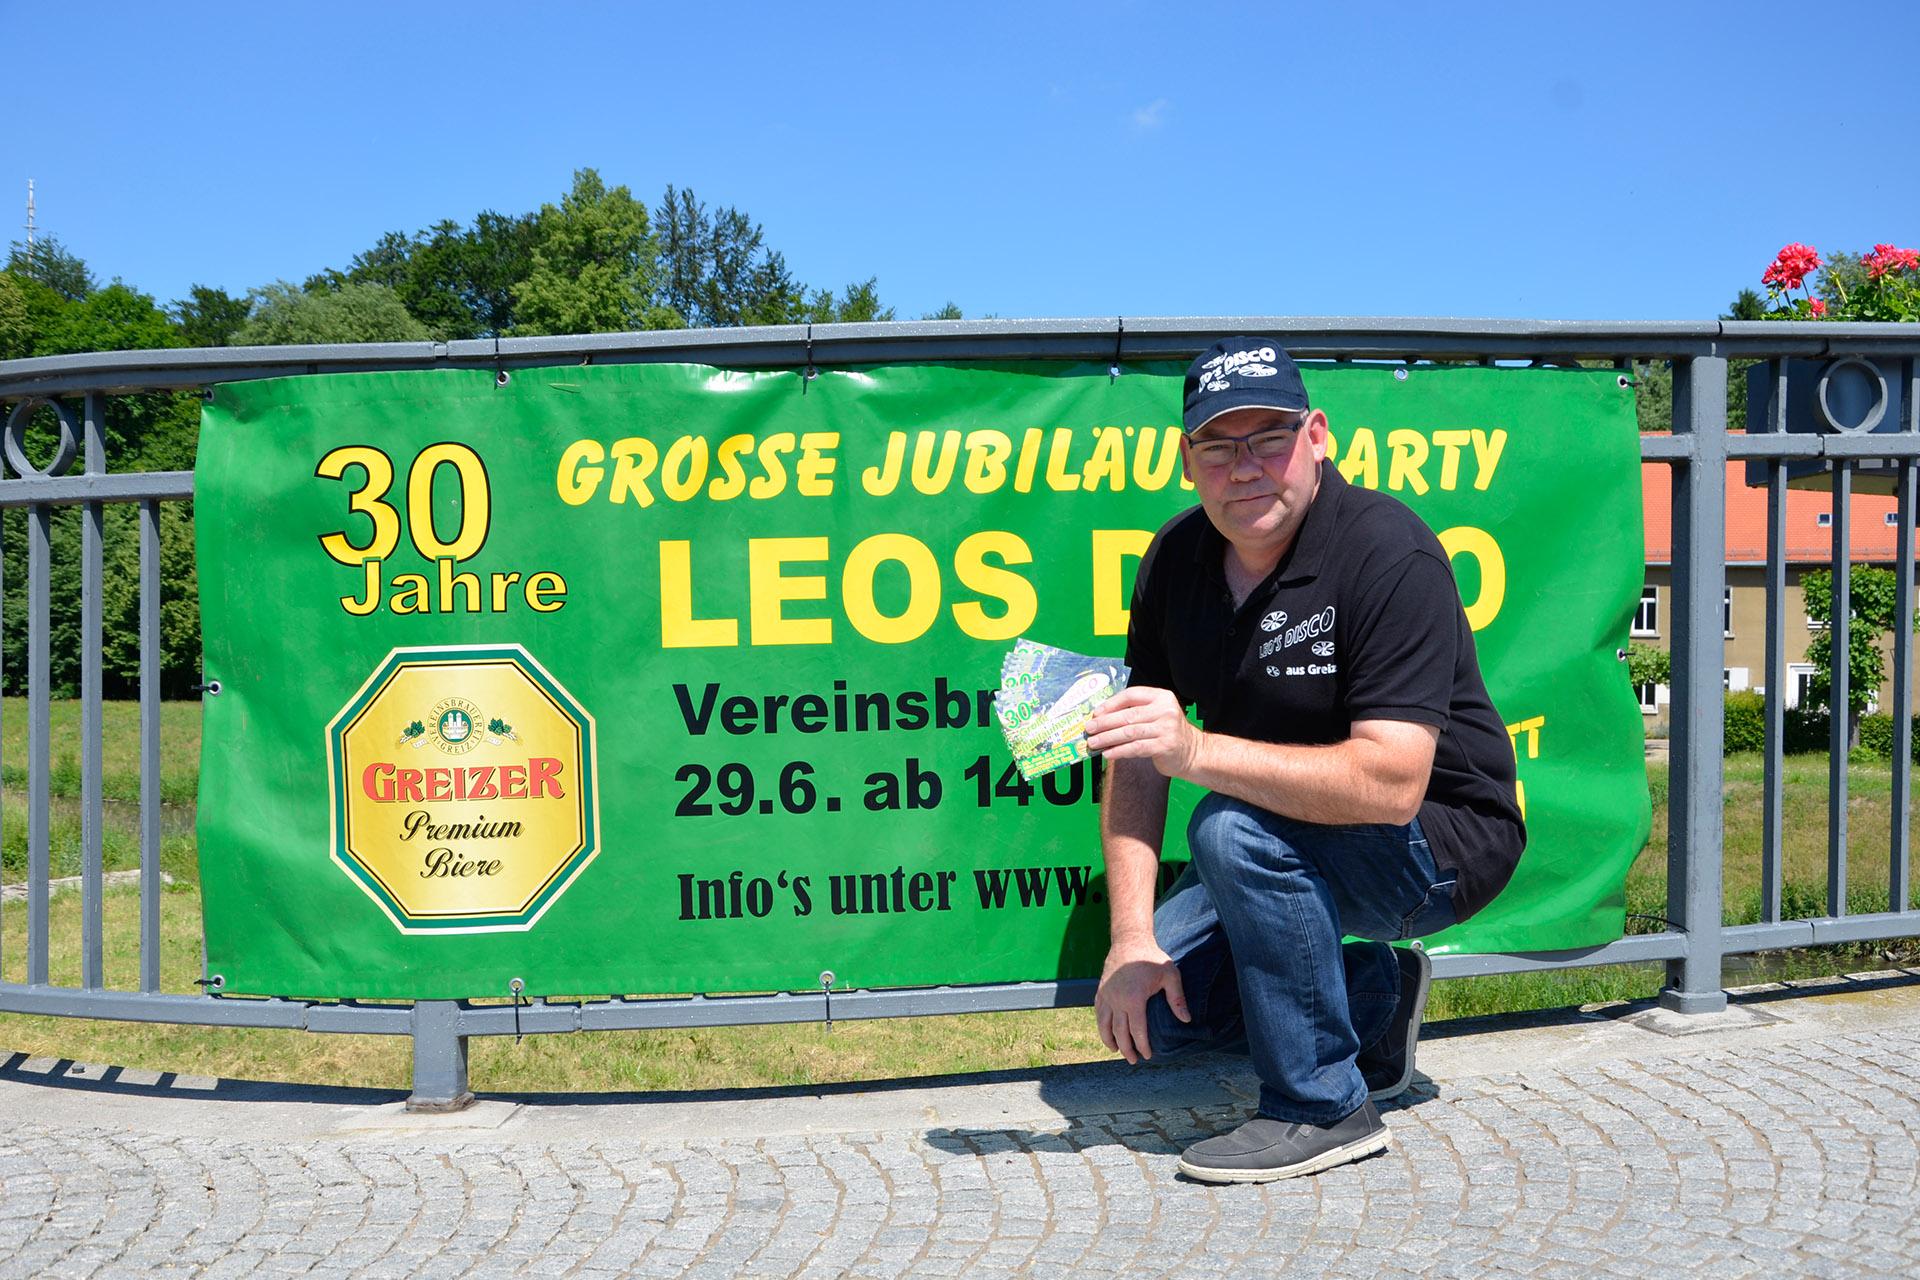 Jörg Leonhardt, alias Leo, vor seinem Werbebanner an der Greizer Freiheitsbrücke.